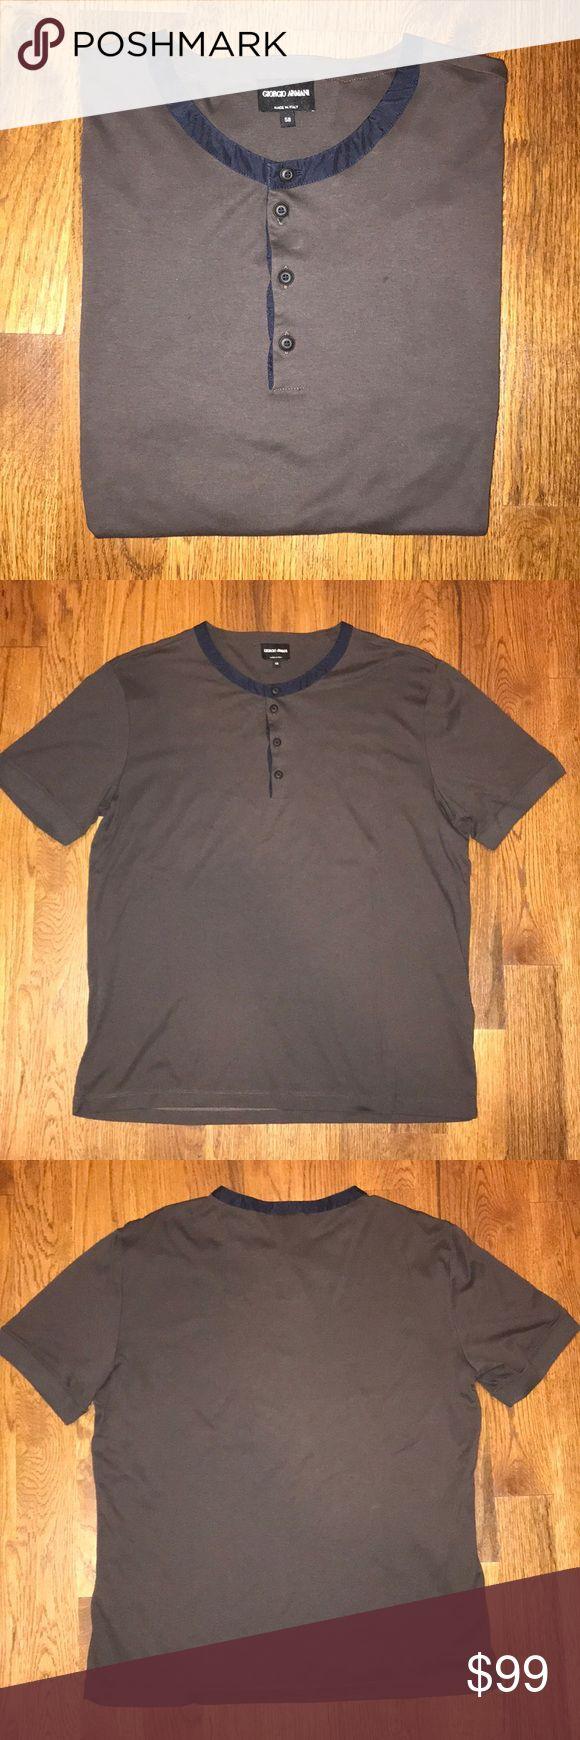 Authentic Giorgio Armani Henley Authentic Giorgio Armani Henley Giorgio Armani Shirts Tees - Short Sleeve